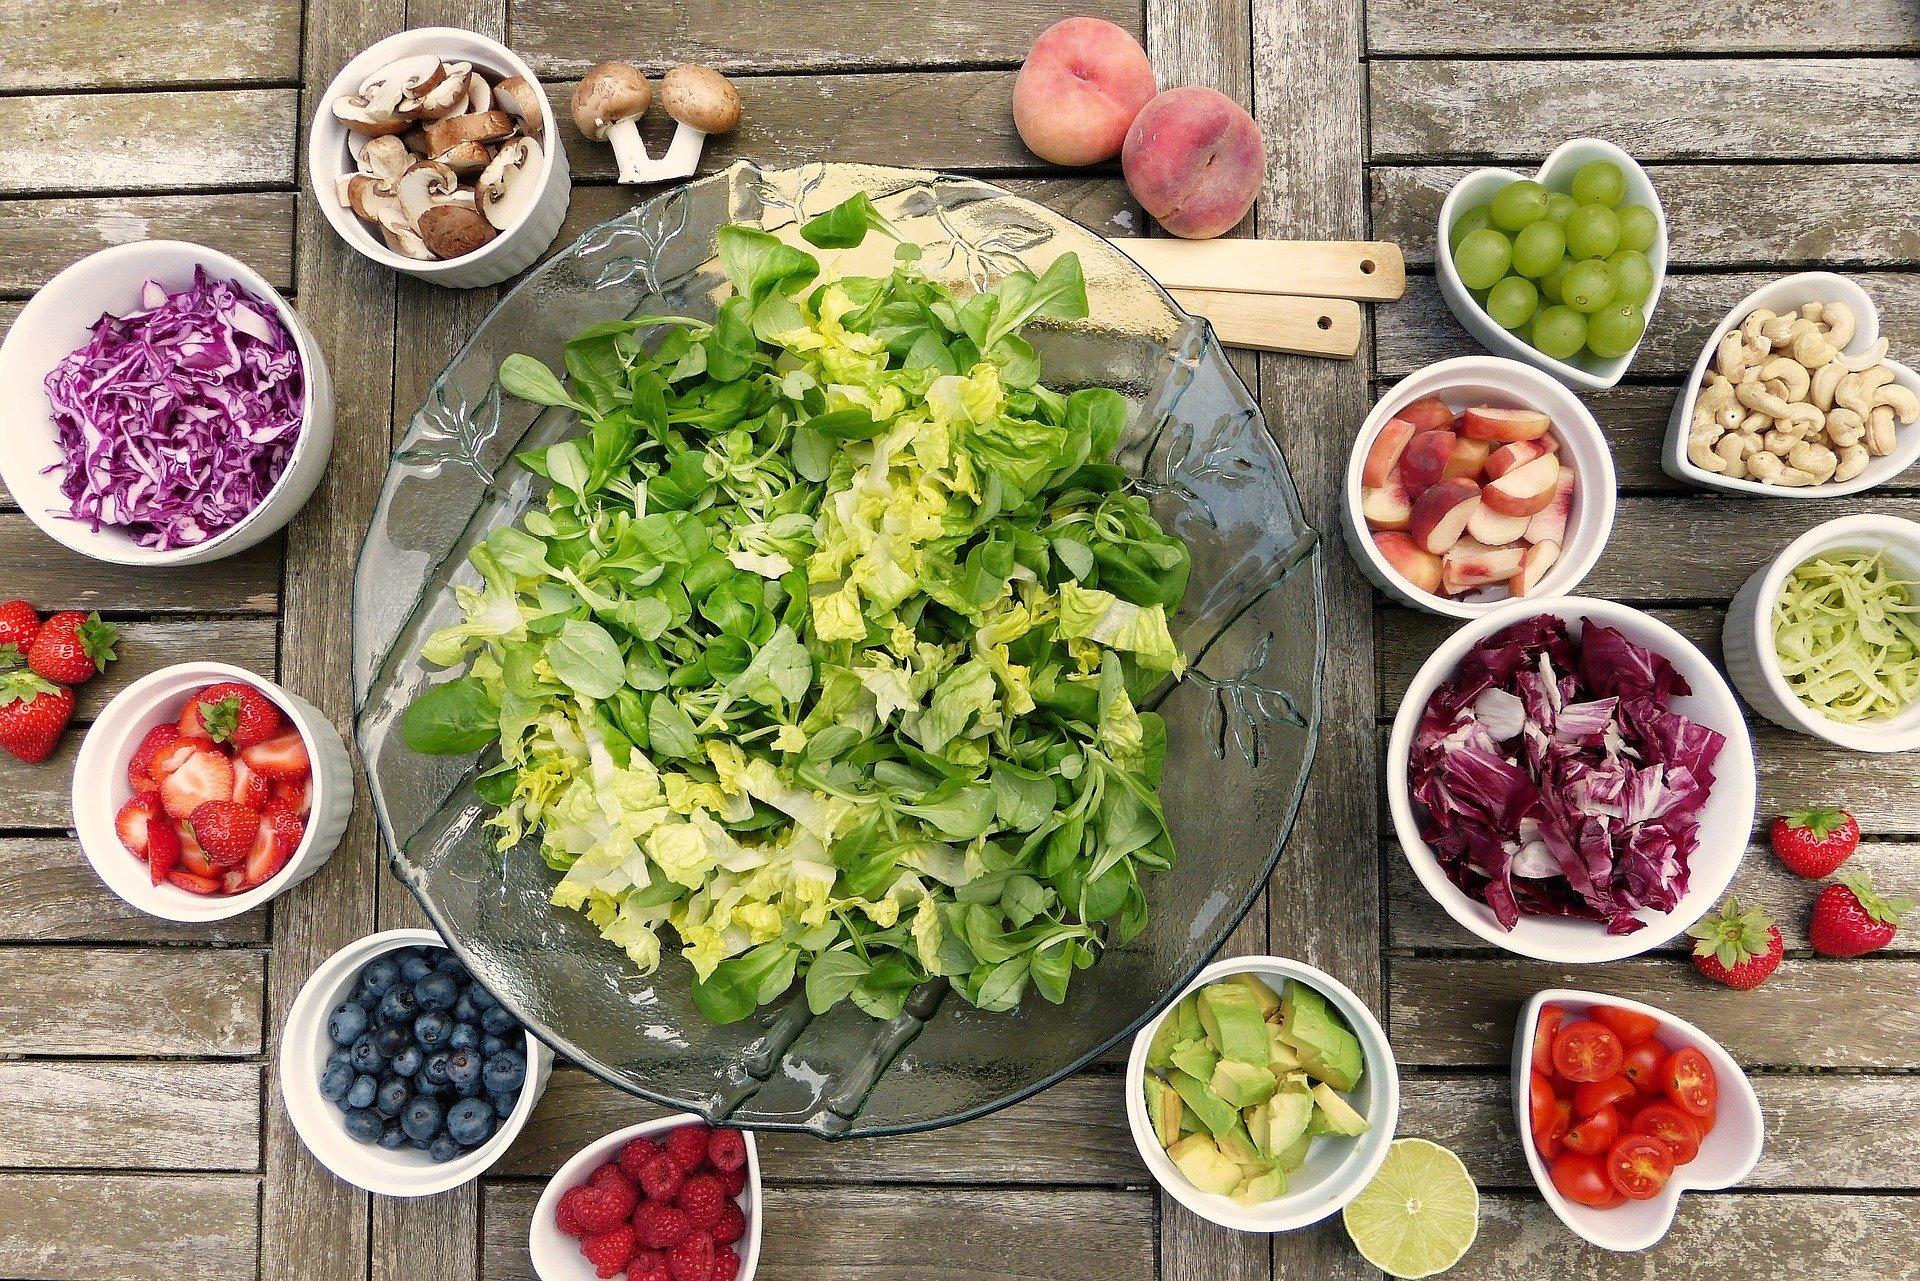 What is Healthier Vegan diet or Mediterranean Diet